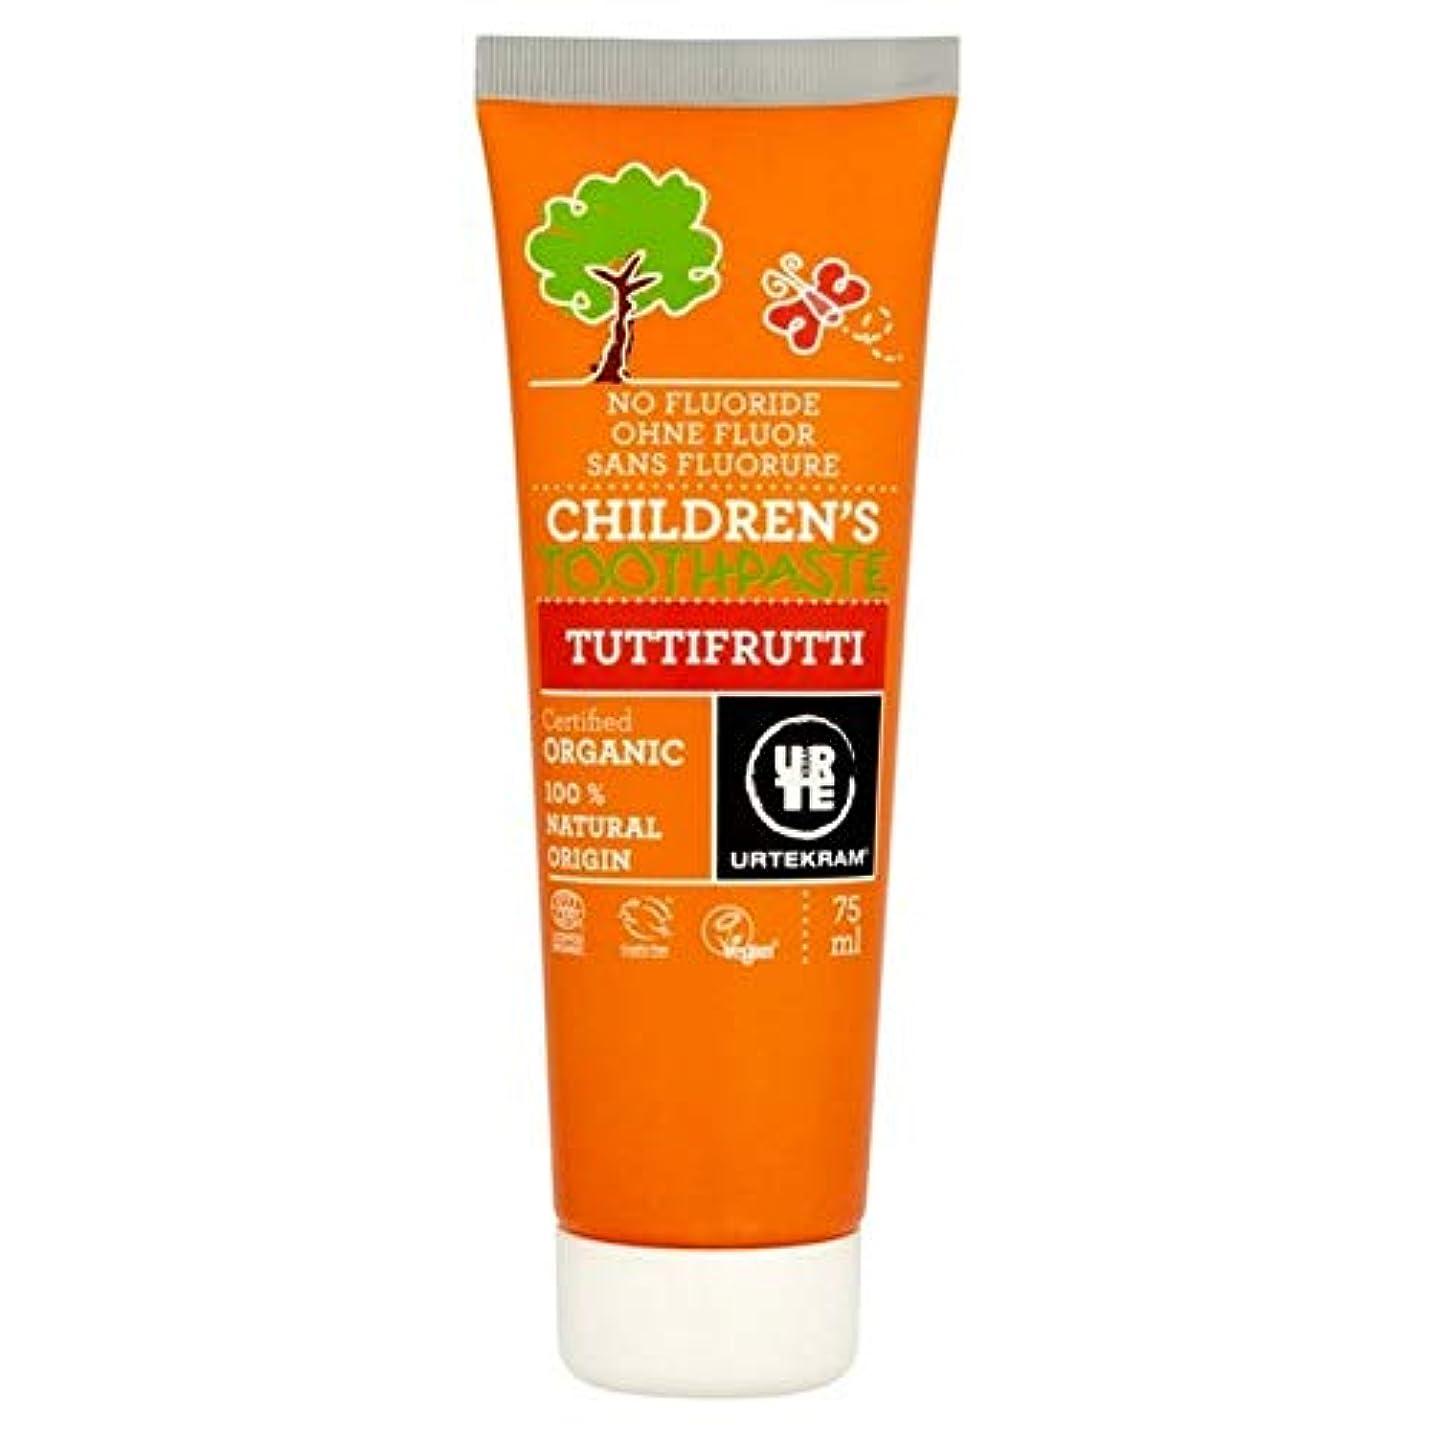 悲しむアクティビティキャンディー[Urtekram] Urtekram子供のトゥッティフルッティの歯磨き粉75ミリリットル - Urtekram Children's Tutti Frutti Toothpaste 75ml [並行輸入品]